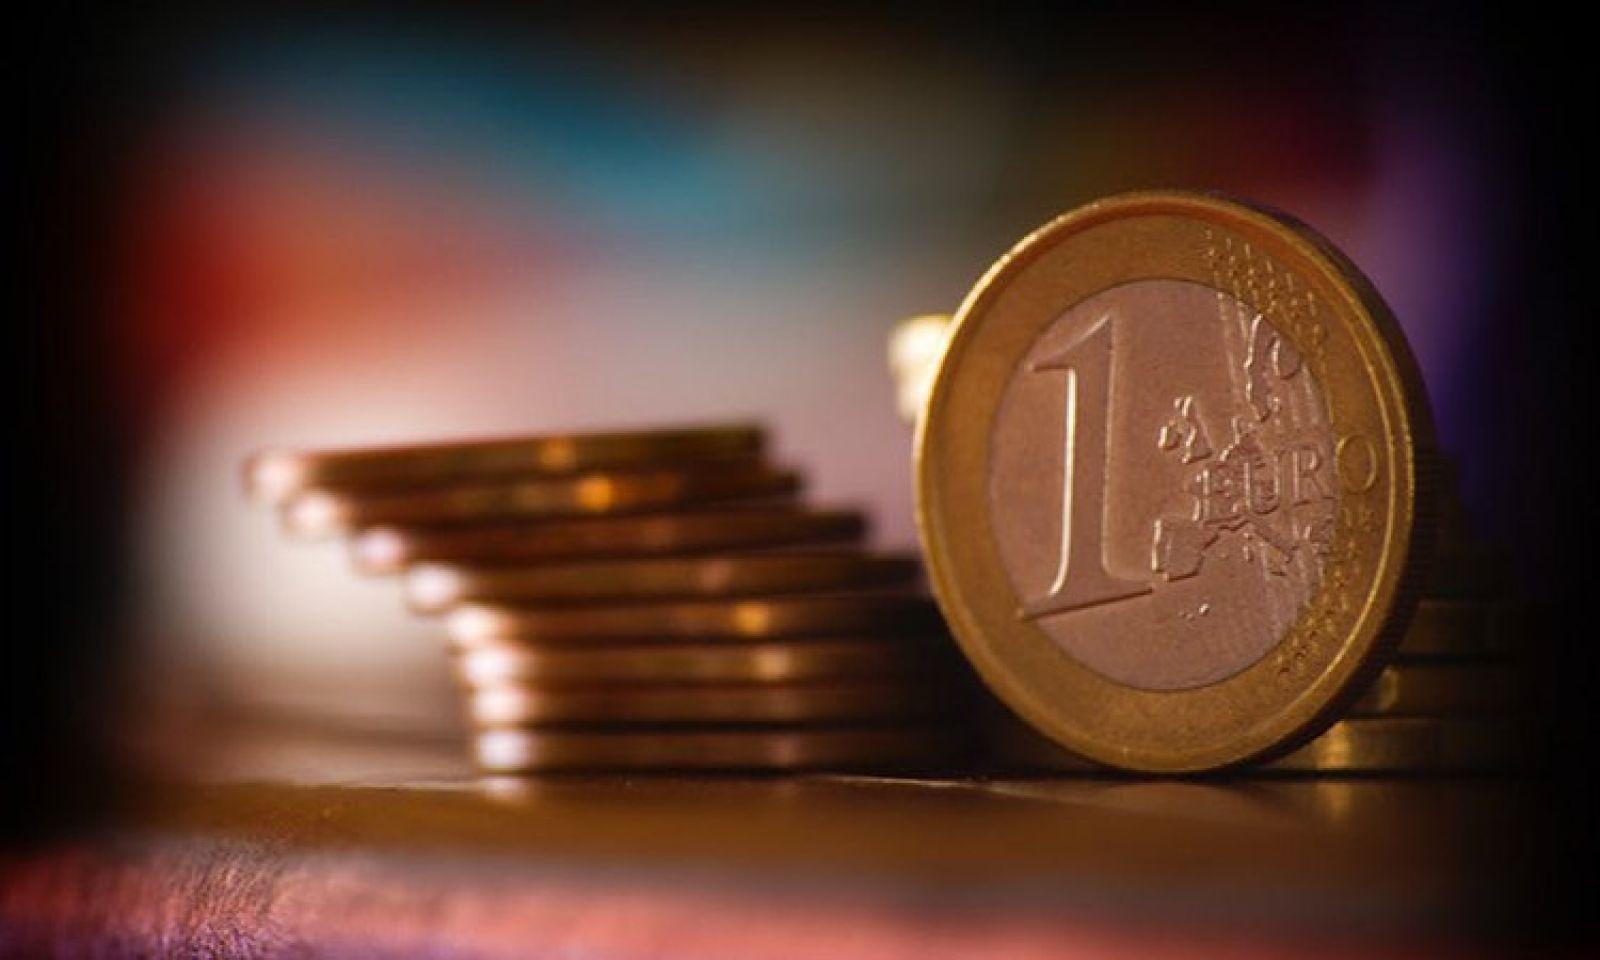 Quá trình tích cóp từng đồng tiền lẻ thành số tiền lớn cũng là quá trình tích lũy kinh nghiệm làm việc từ đơn giản đến phức tạp. Nguồn: internet